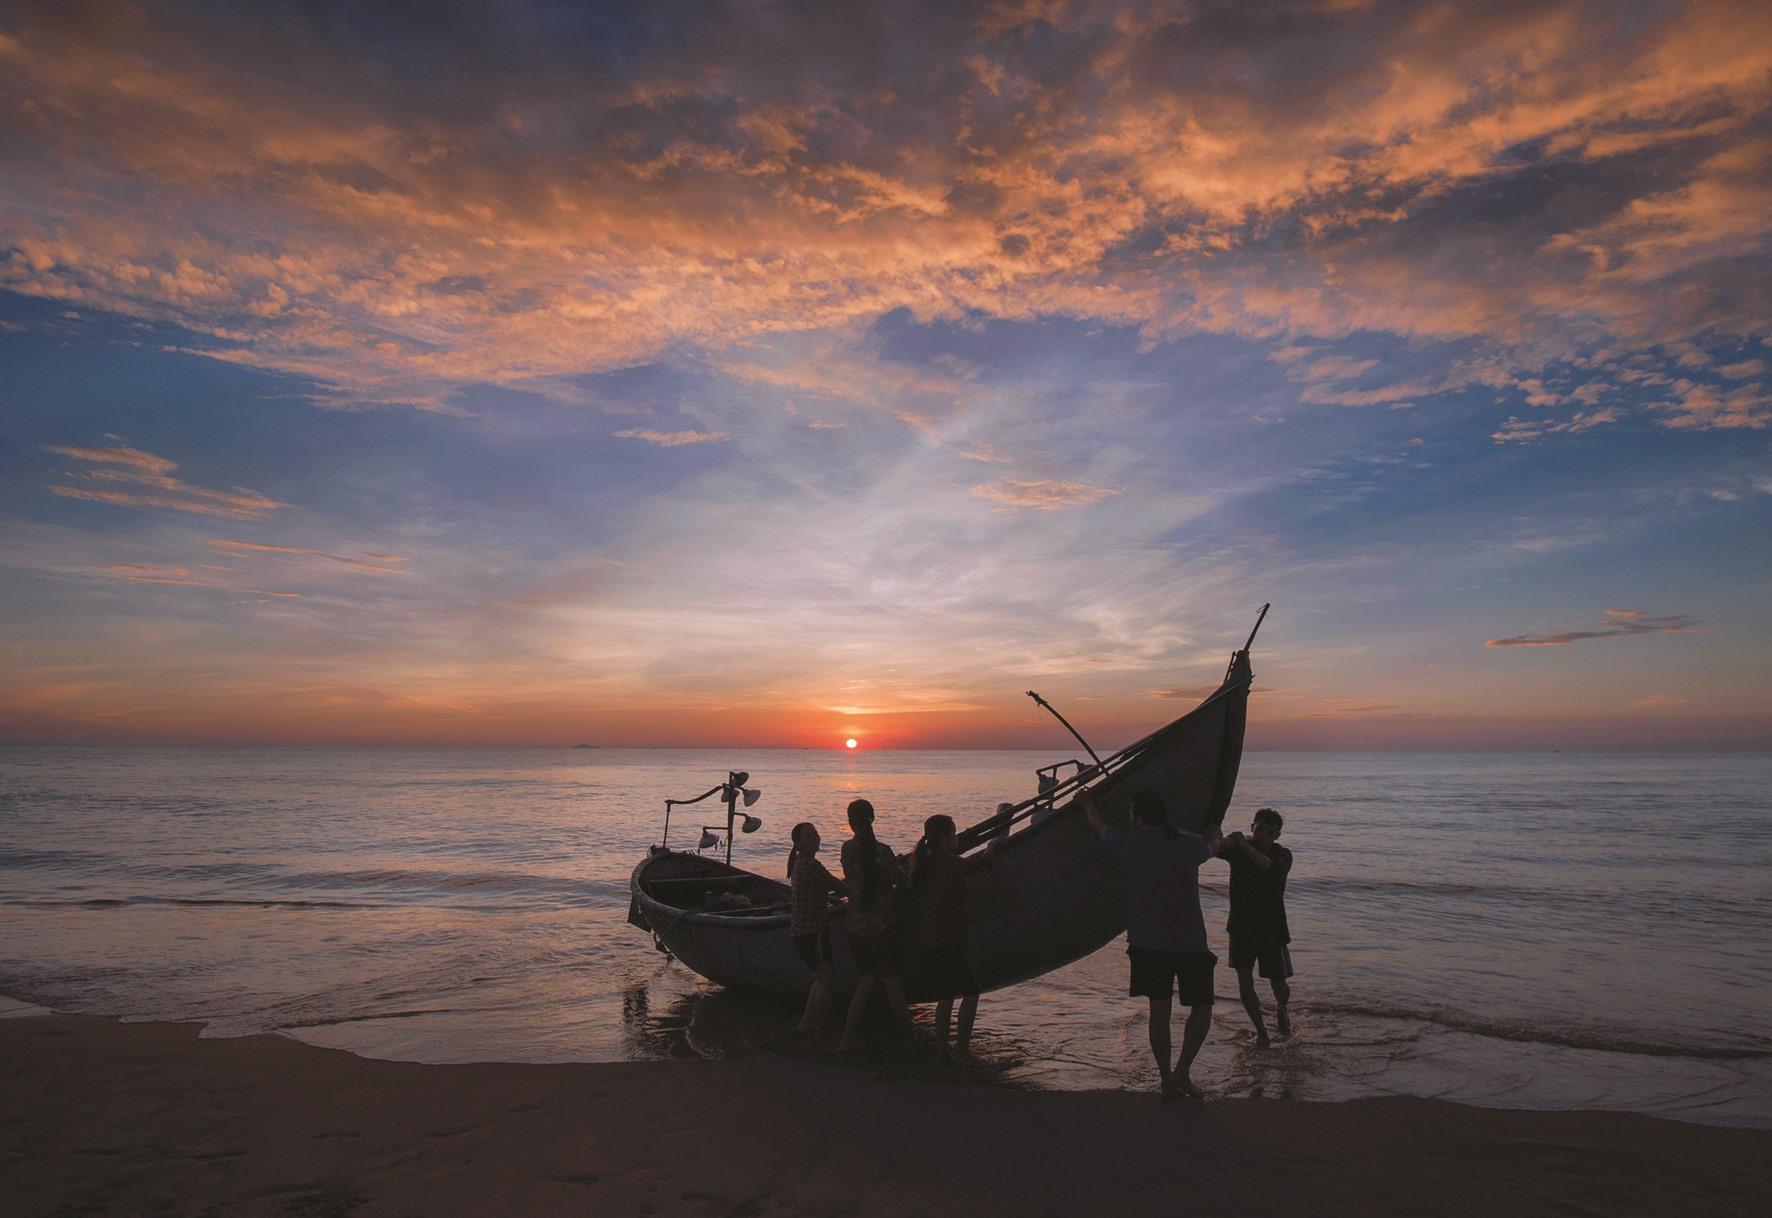 Một chiếc thuyền vào bờ lúc mặt trời vừa mọc.